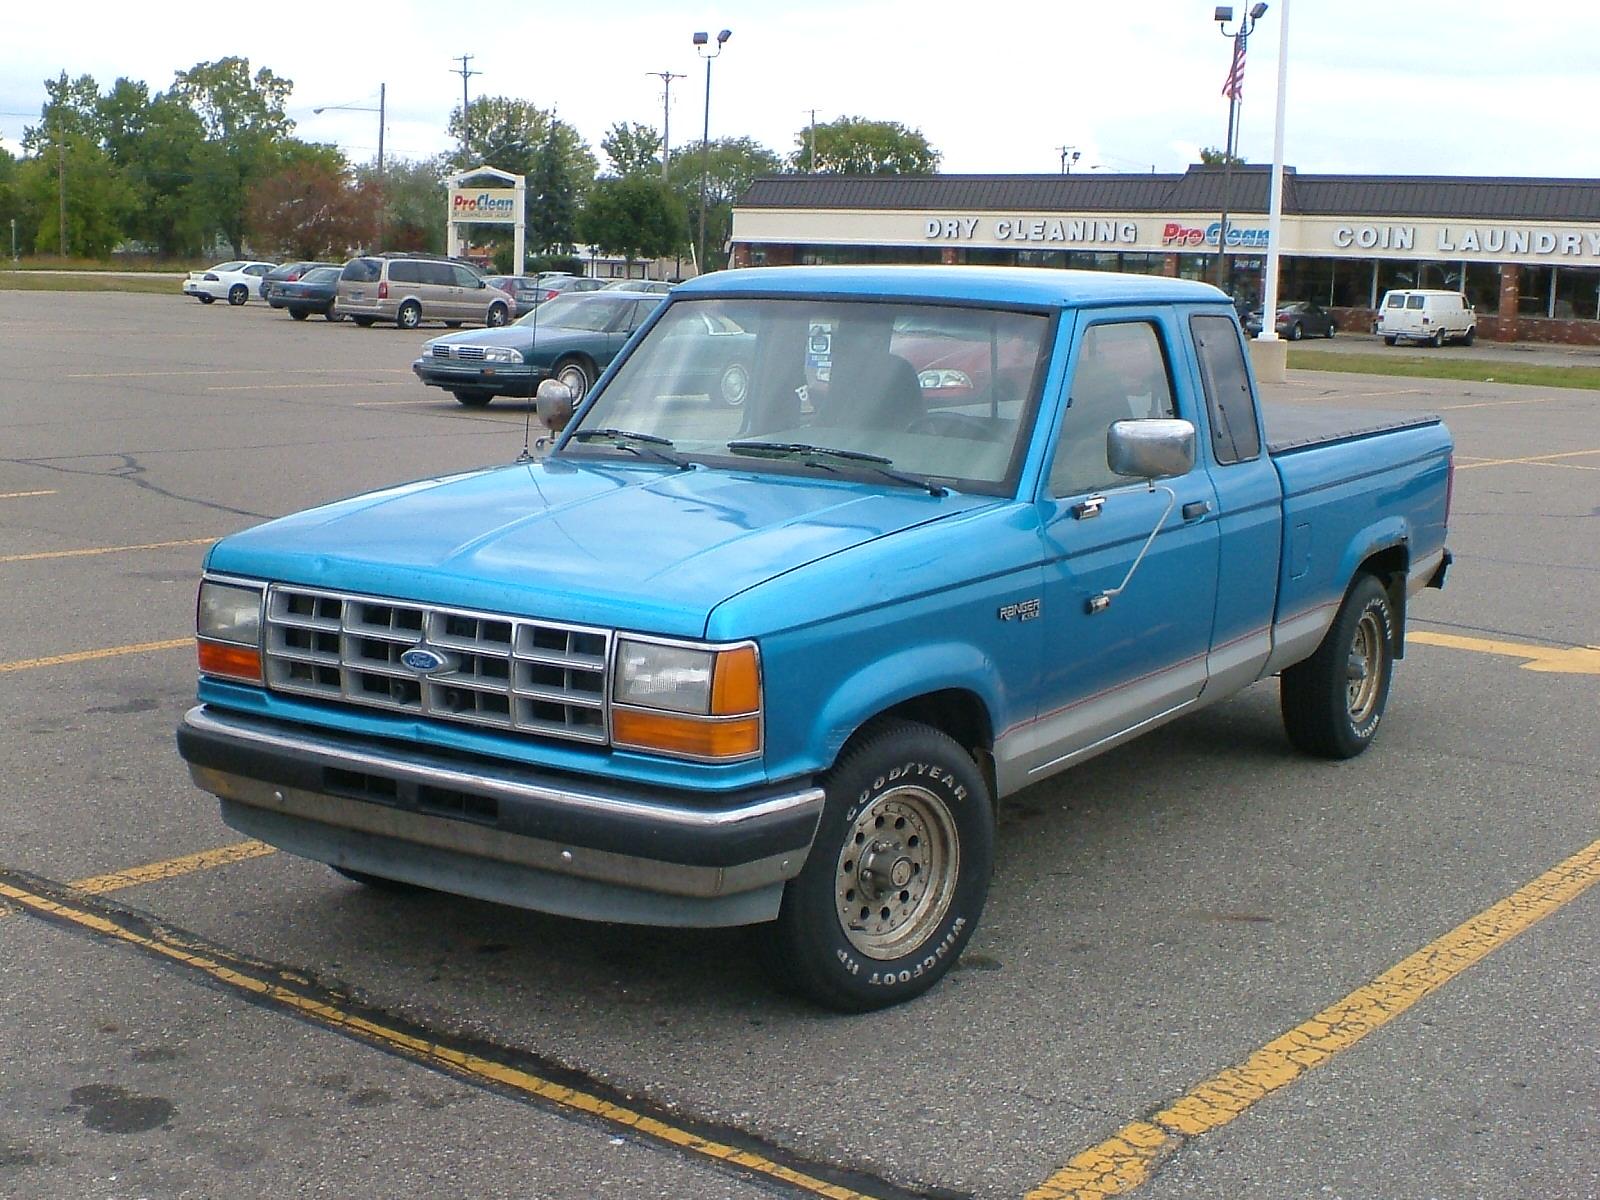 Ford Ranger on 1990 Ford Ranger Extended Cab